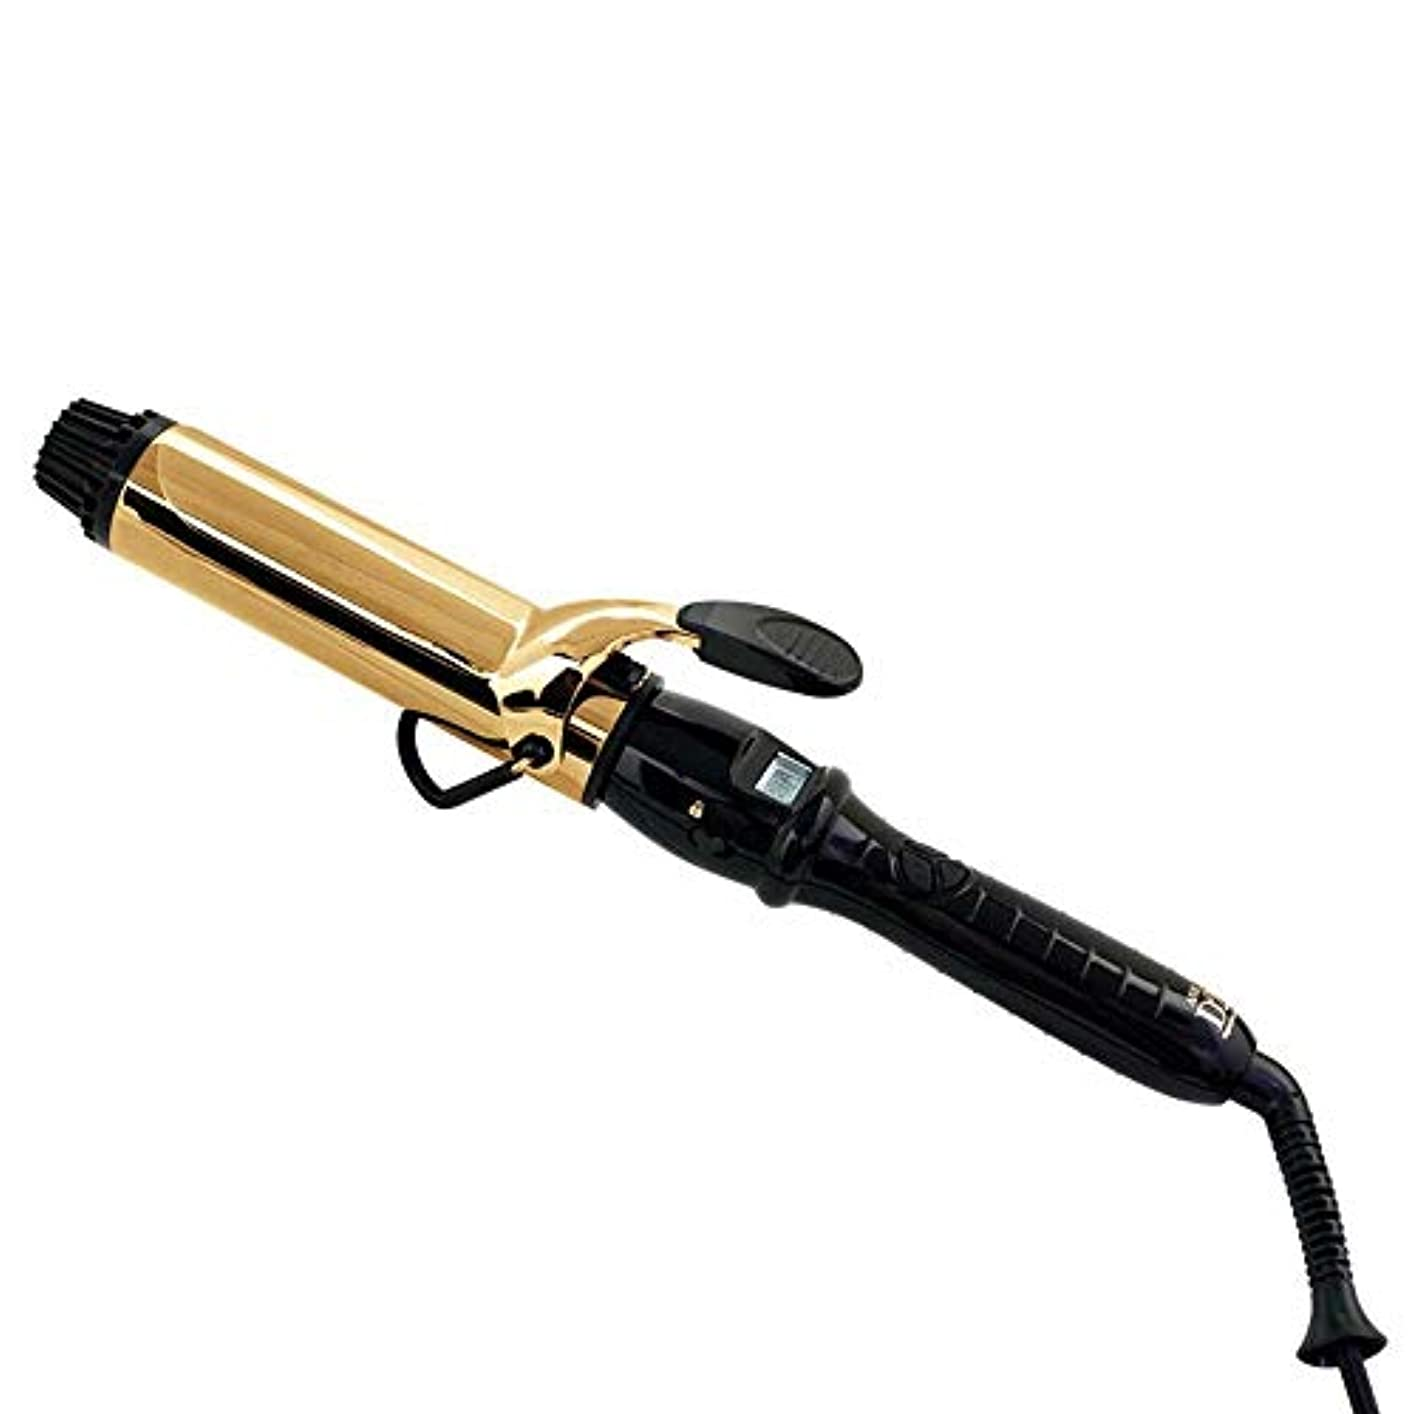 大感嘆ワイドトリコインダストリーズ D2アイロン ゴールドバレル 32mm 1台